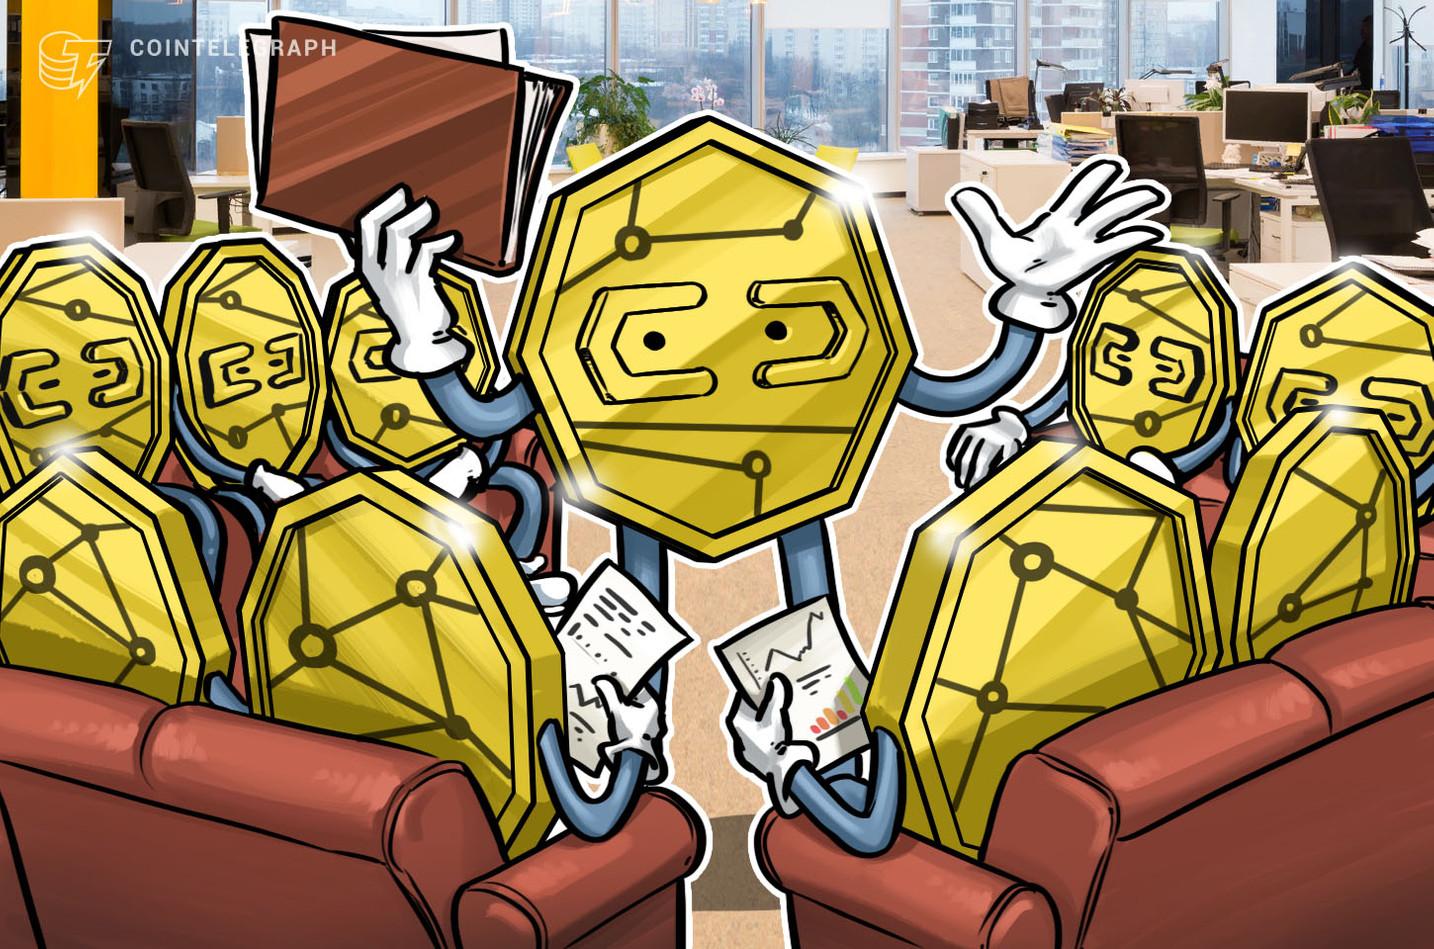 """عاجل: سيركل إنترنت فاينانشيال تُطلق أول عملة مستقرة """"يو إس دي كوين"""""""